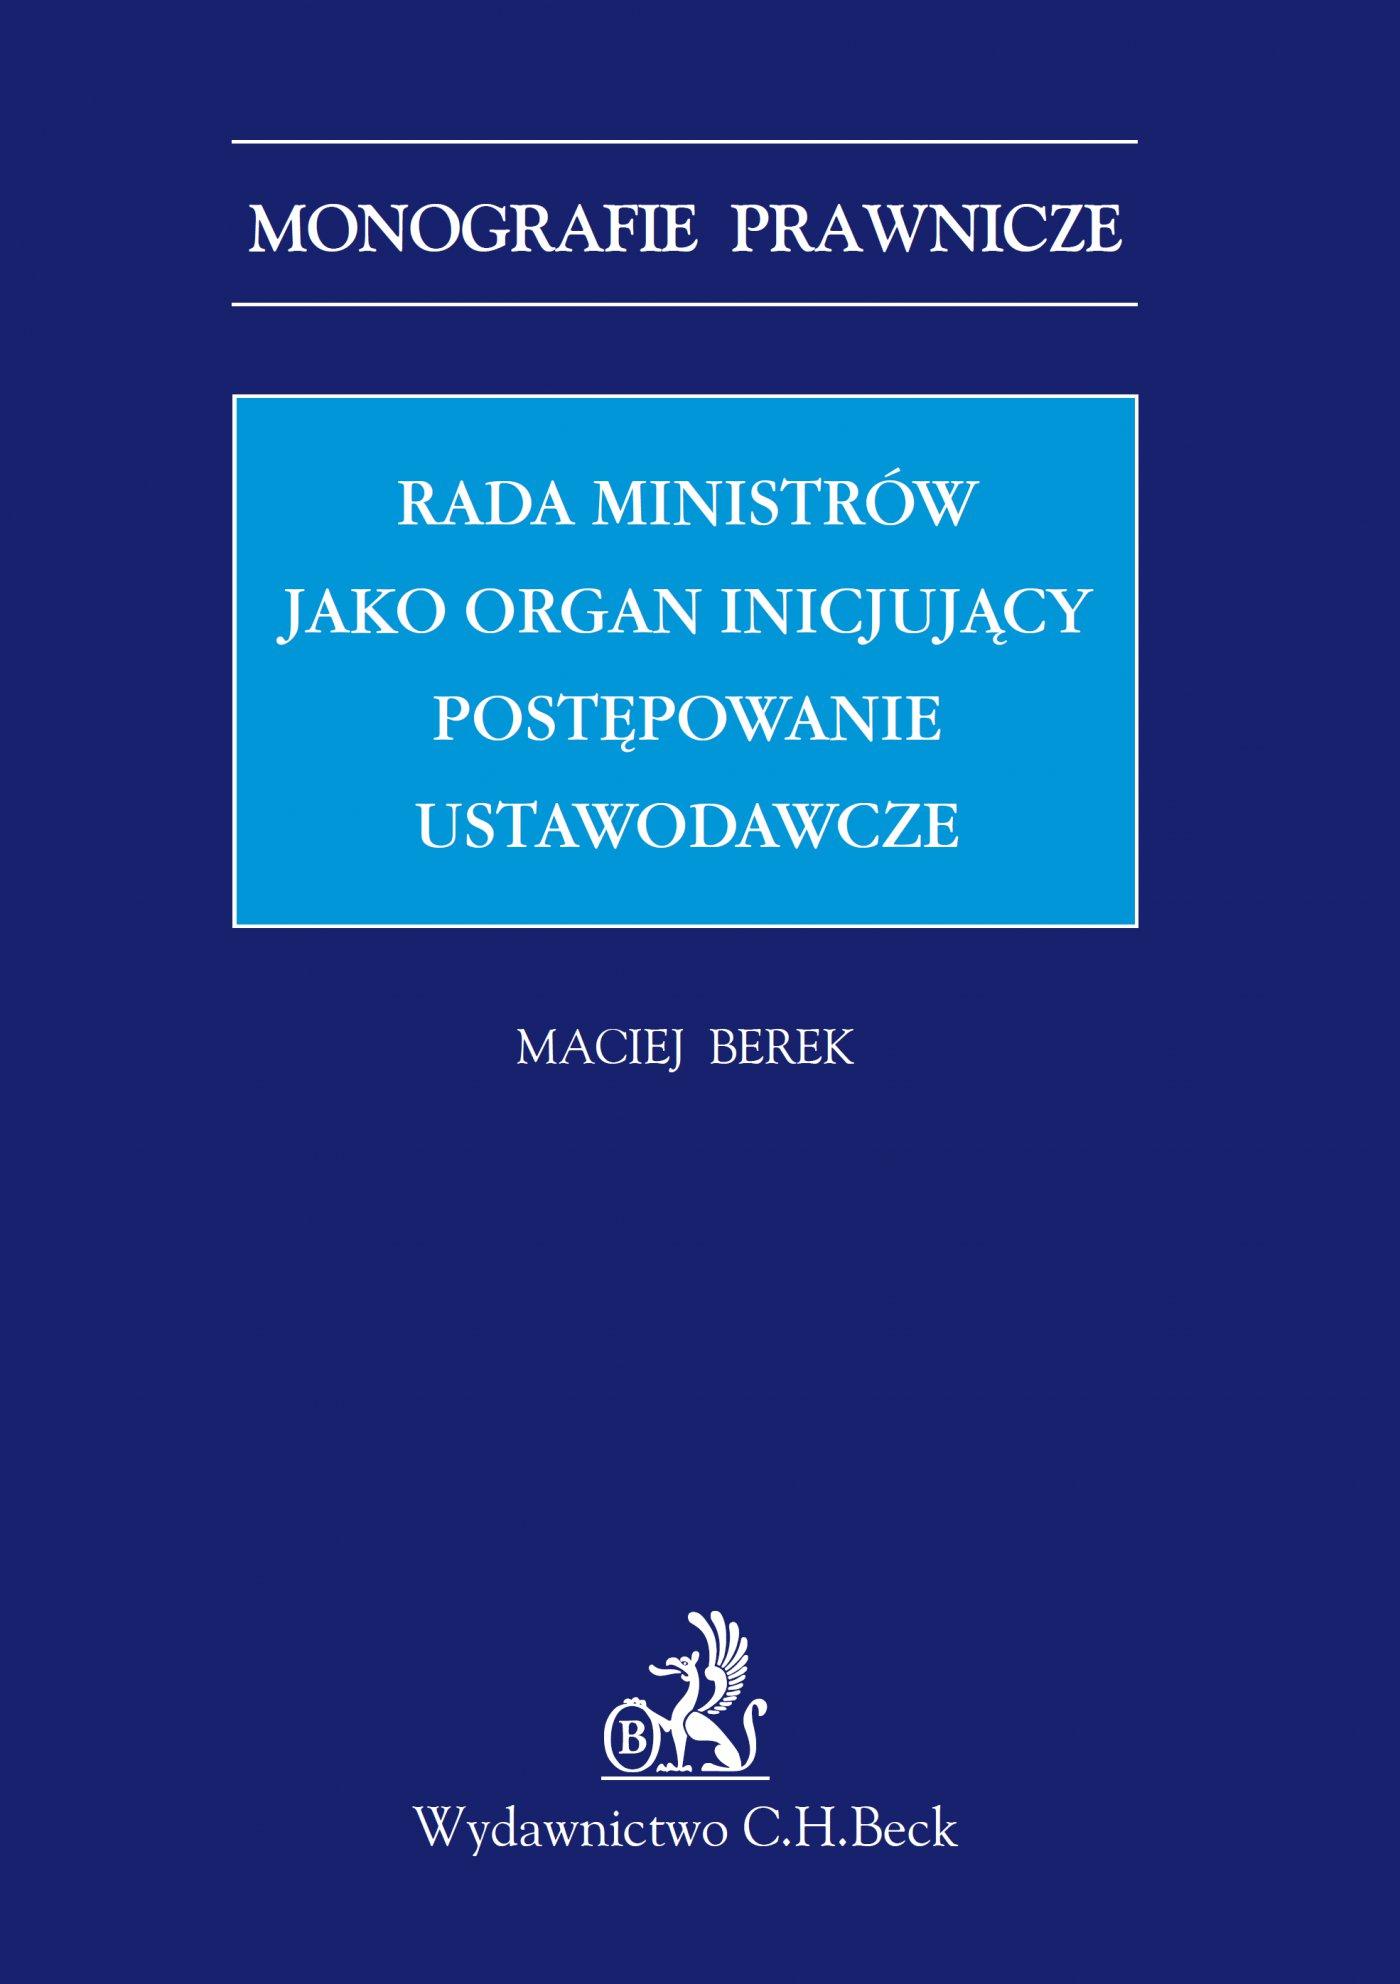 Rada ministrów jako organ inicjujący postępowanie ustawodawcze - Ebook (Książka PDF) do pobrania w formacie PDF